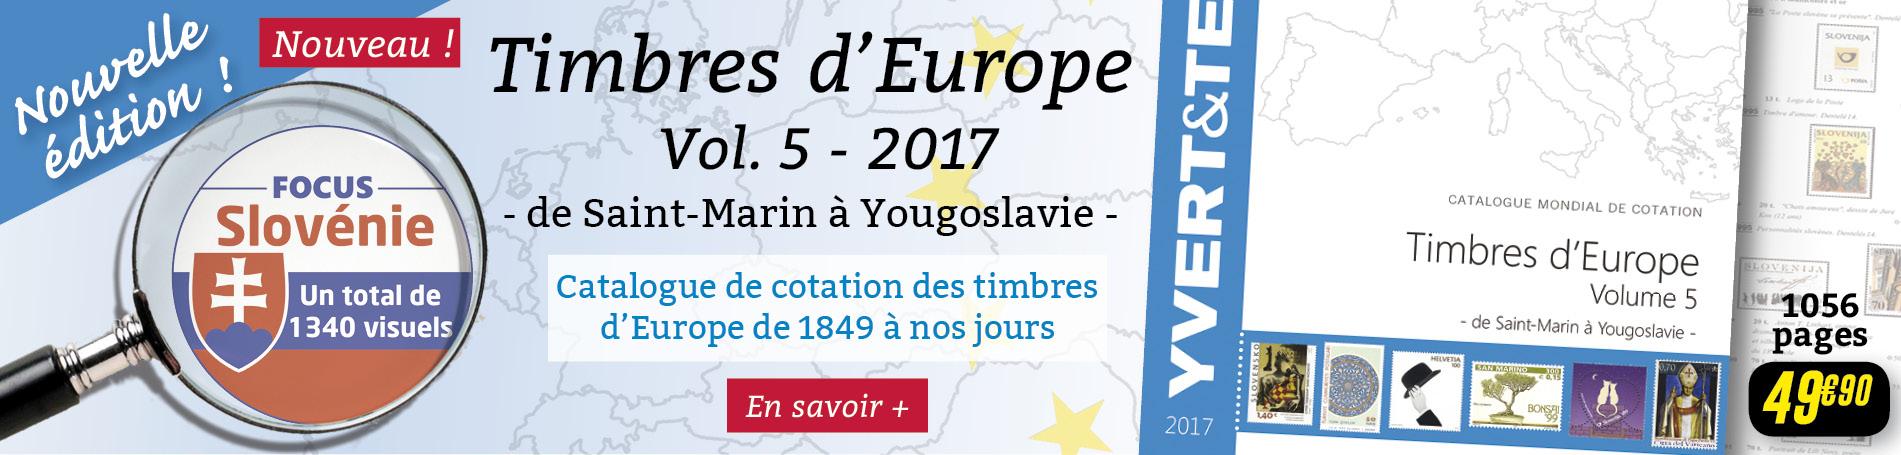 Slide 15 - Europe 5 - 2017